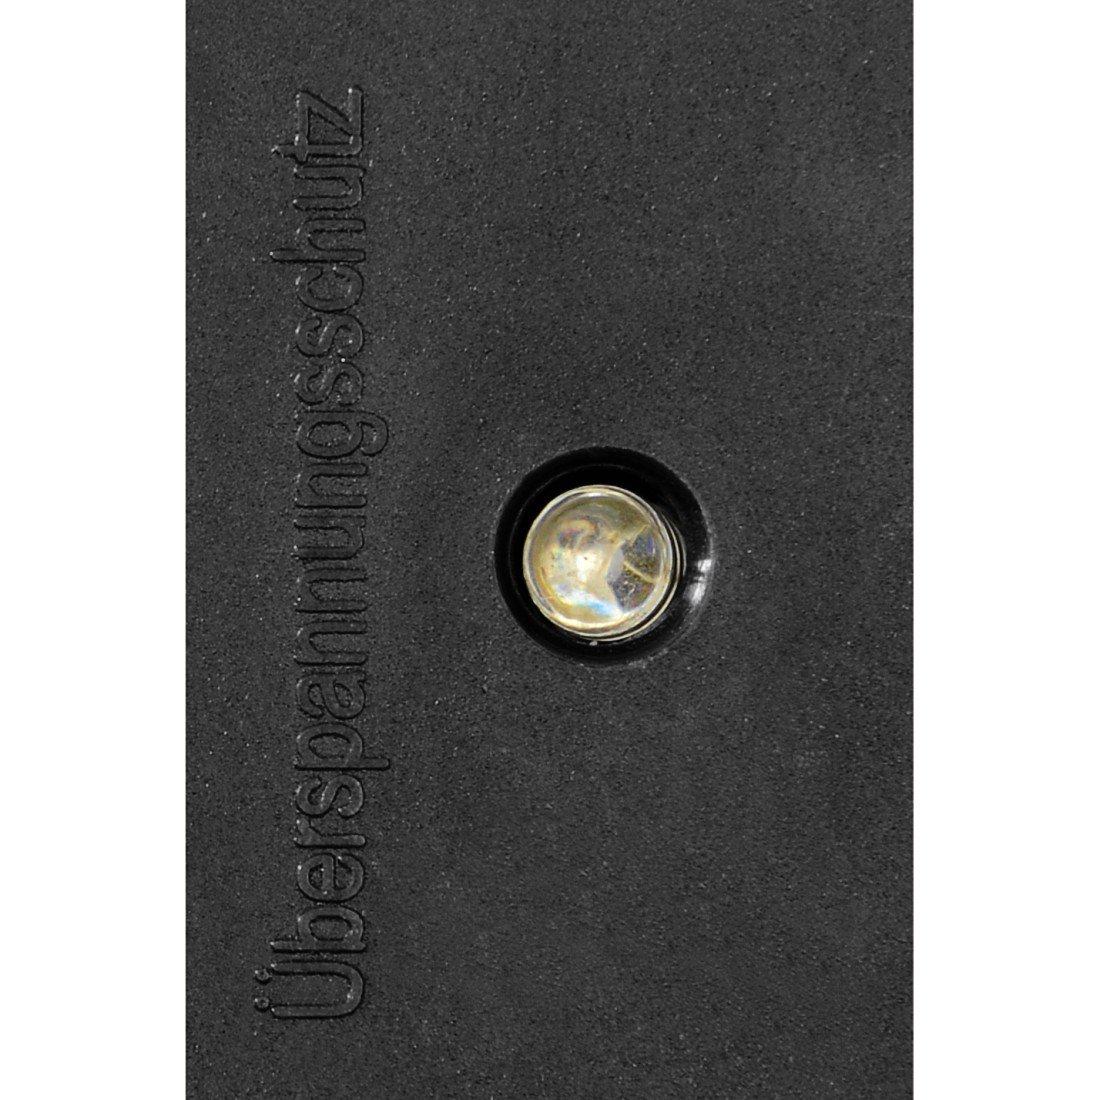 6-fach, 45/° gedreht, Kindersicherung, 1,4m Kabell/änge Hama Steckdosenleiste einzeln schaltbar Mehrfachsteckdose schwarz mit /Überspannungsschutz